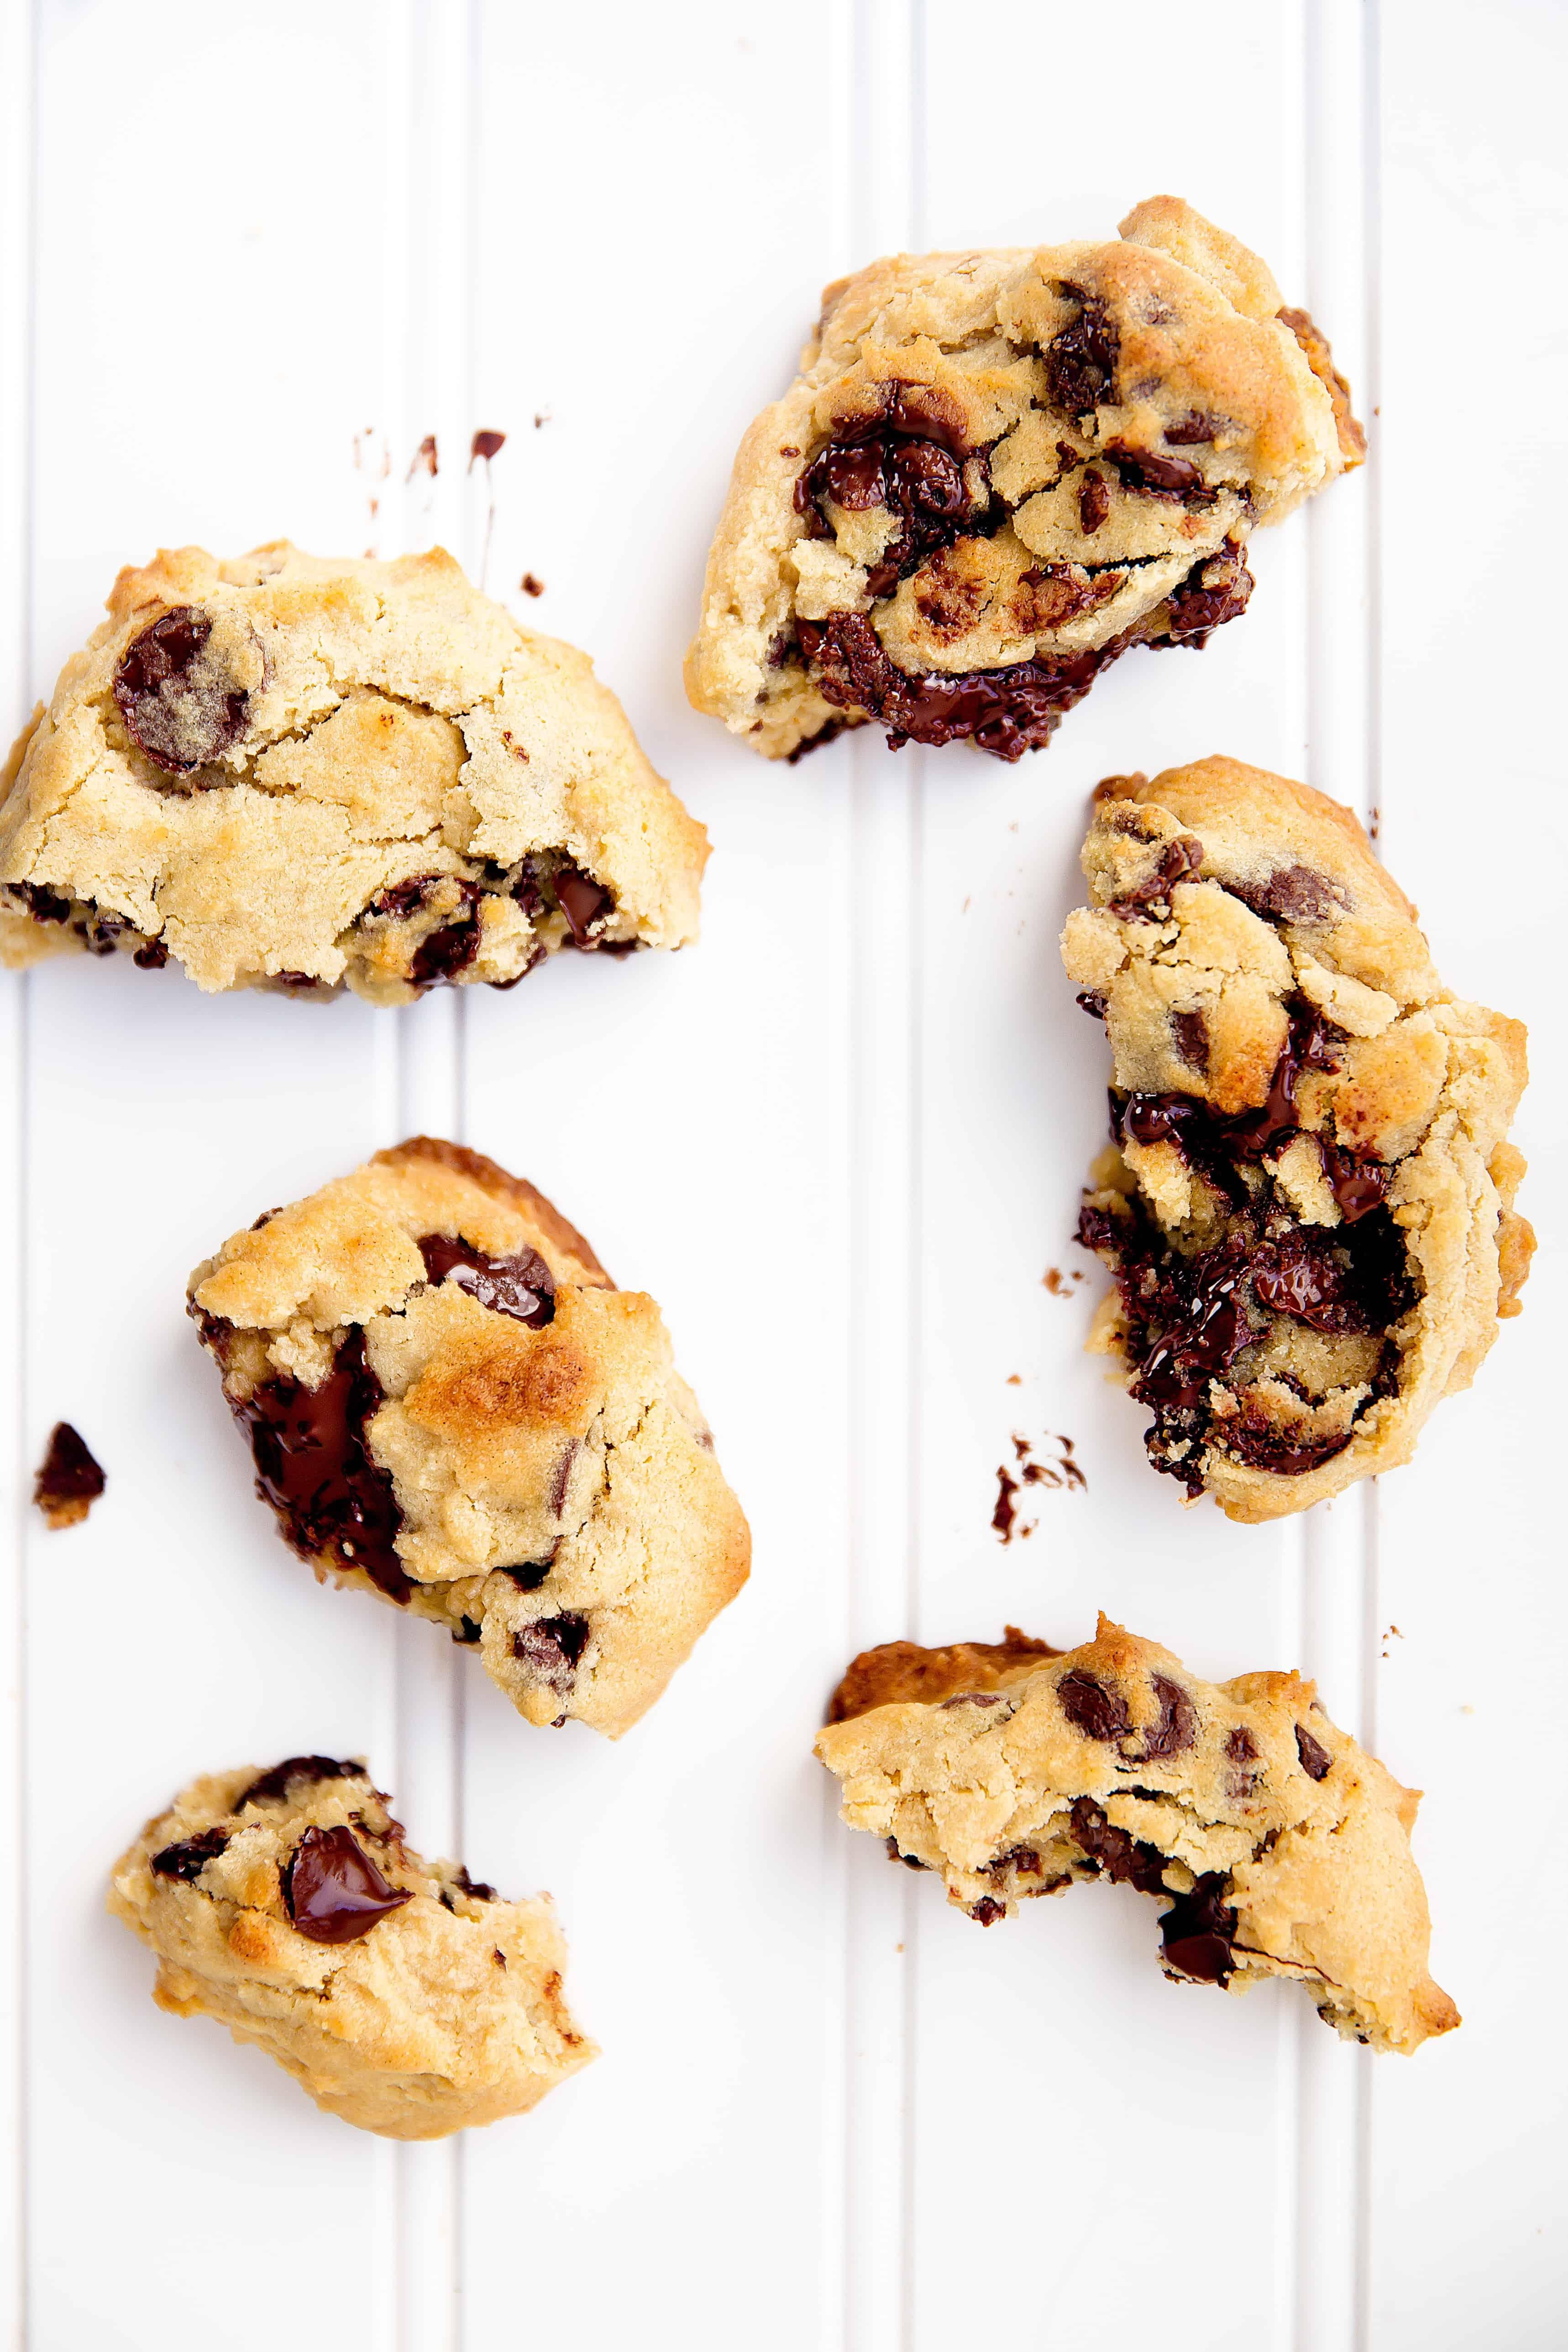 levain bakery cookies on countertop